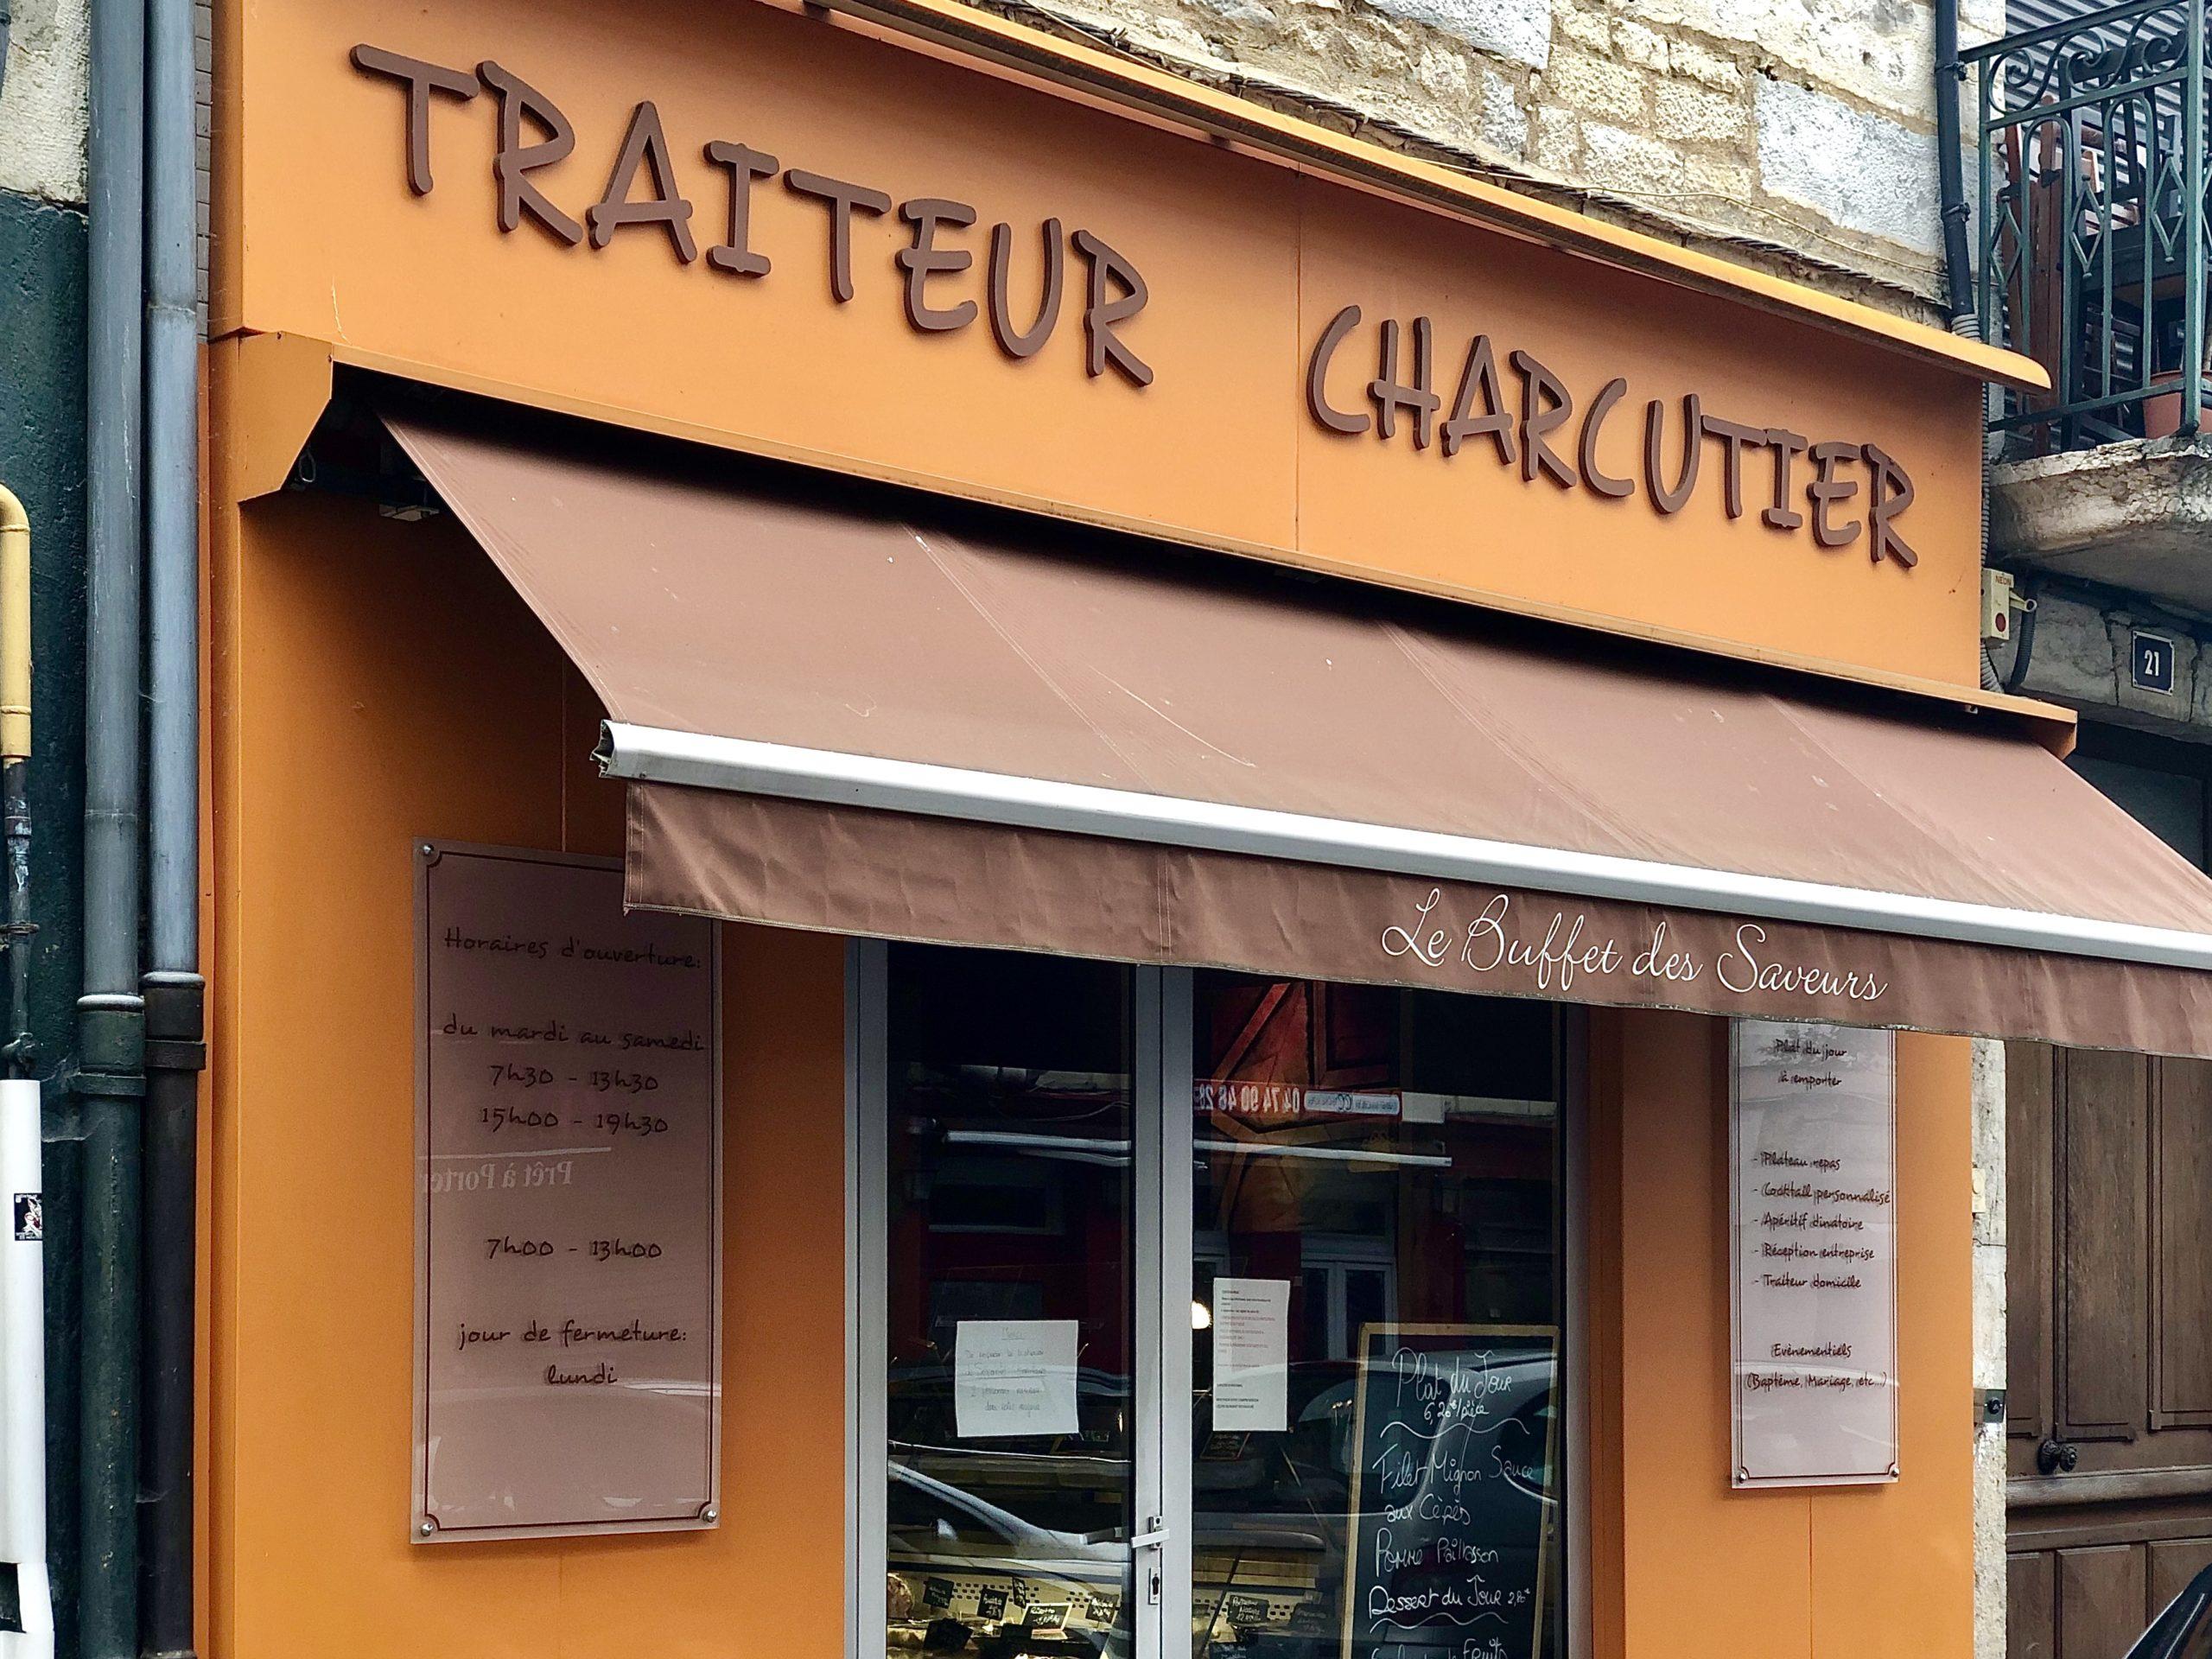 facade, traiteur, bourgoin, charcutier